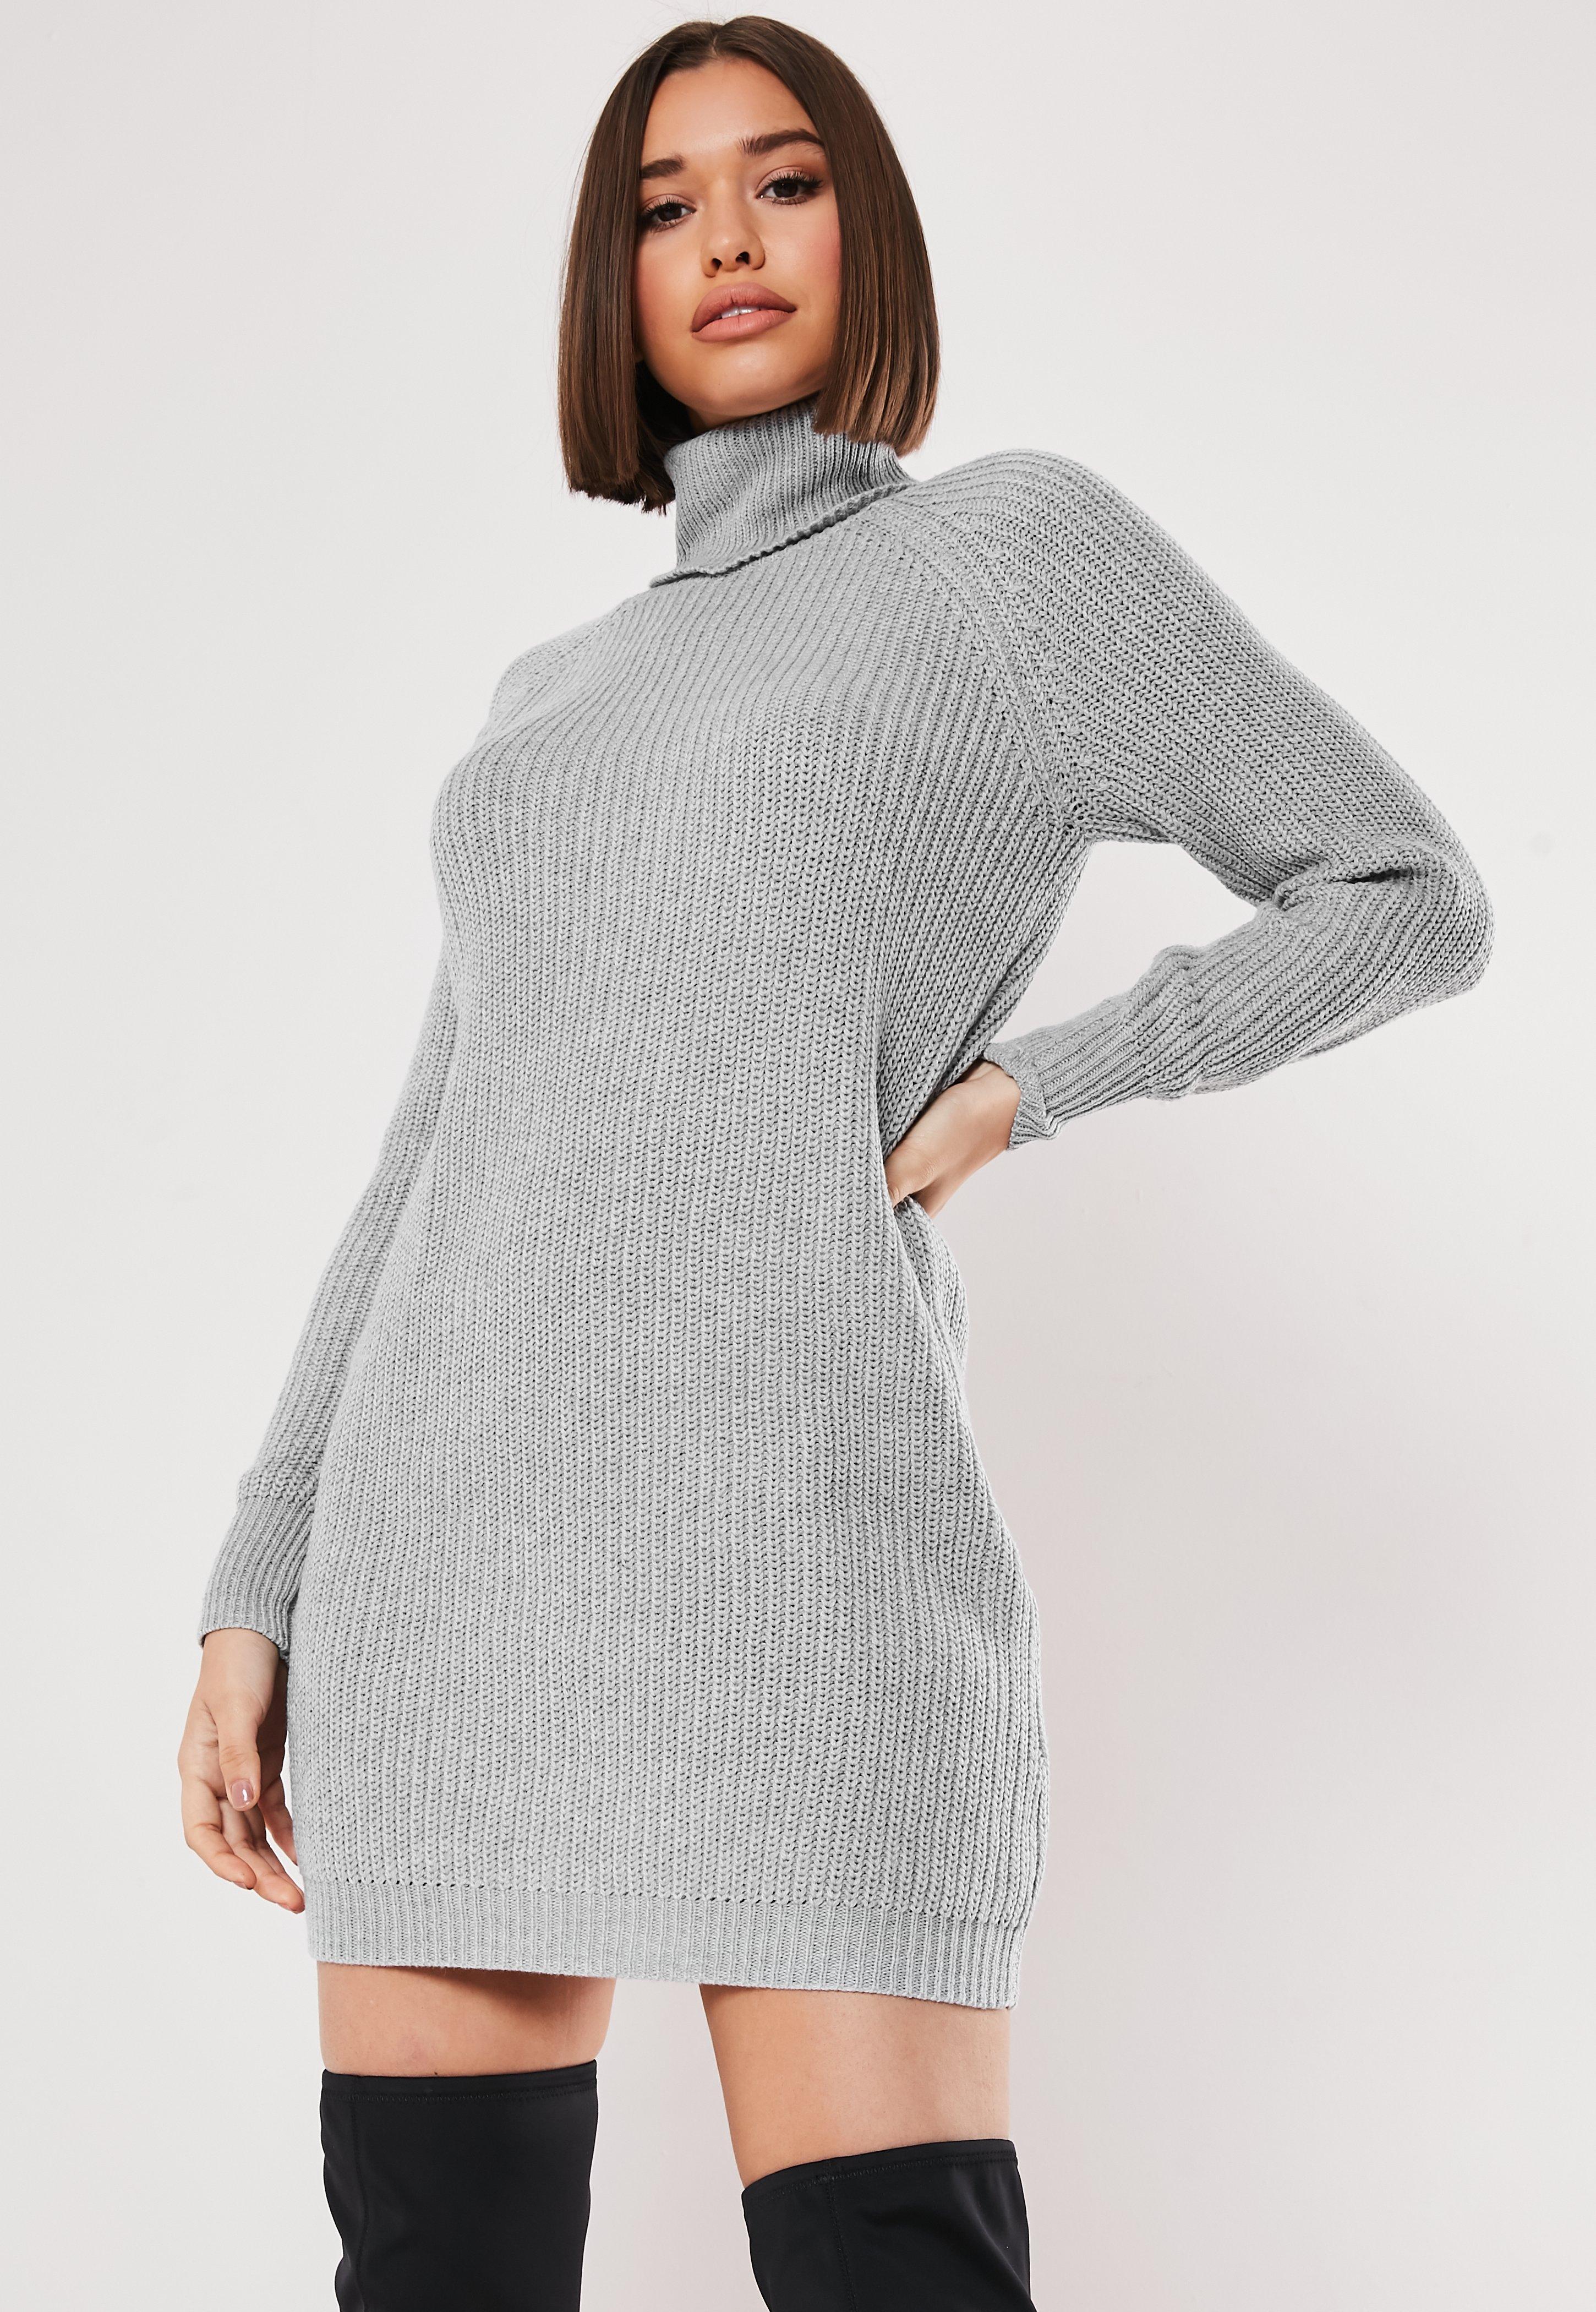 Vestido vuelto jersey cuello con gris jqcR4A3L5S